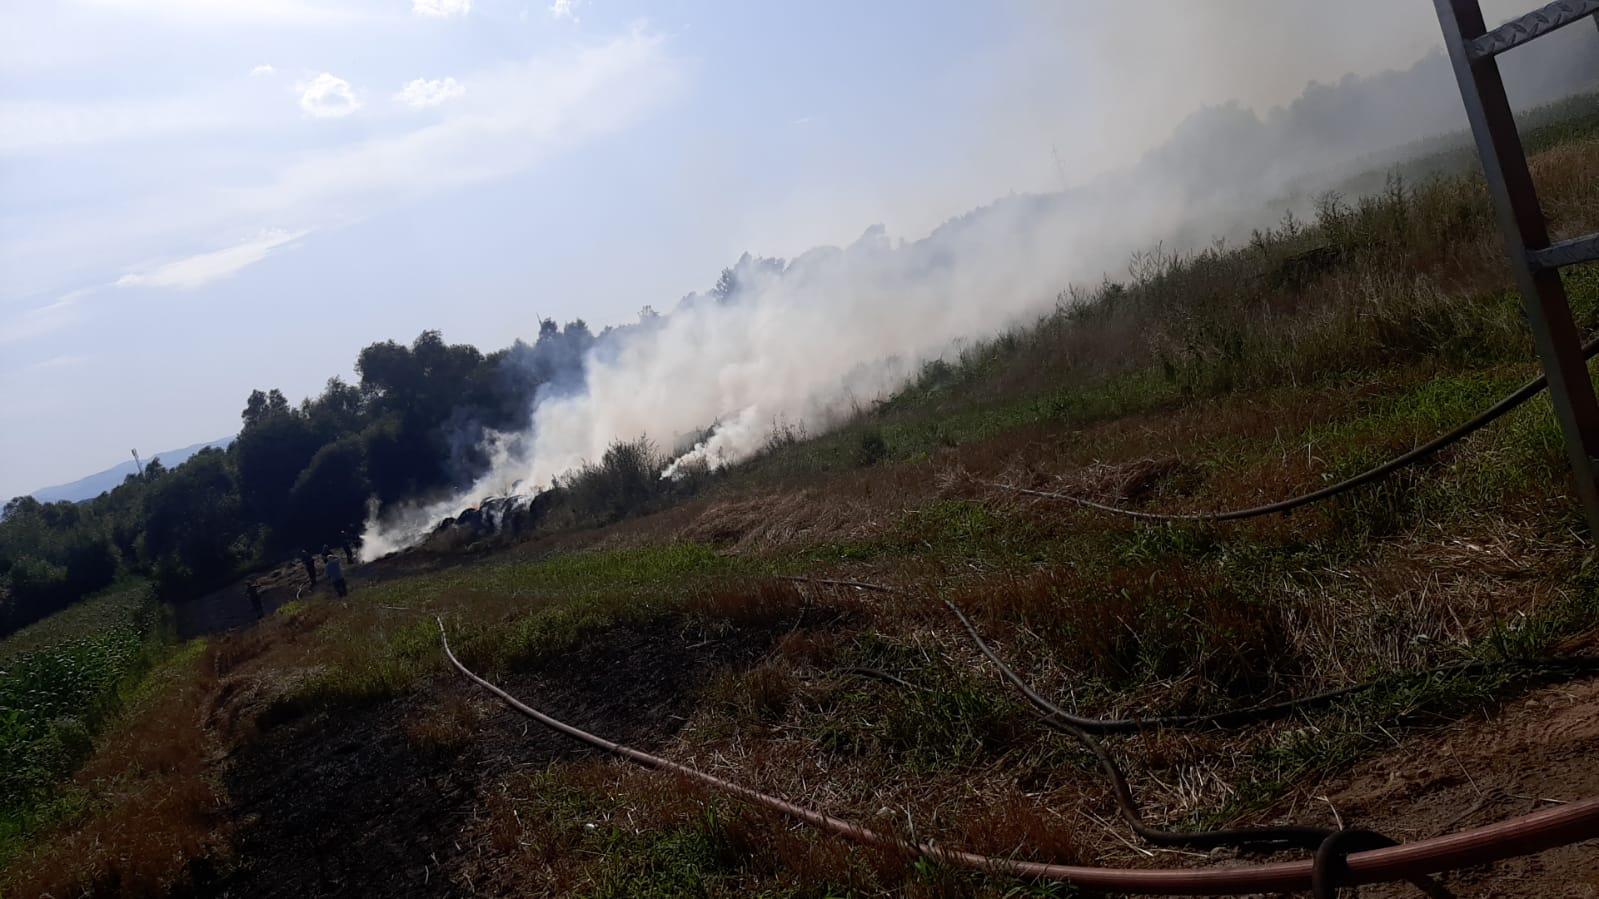 Incediu pe un câmp din Mohu. Focul a distrus două tone de baloți de plante furajere